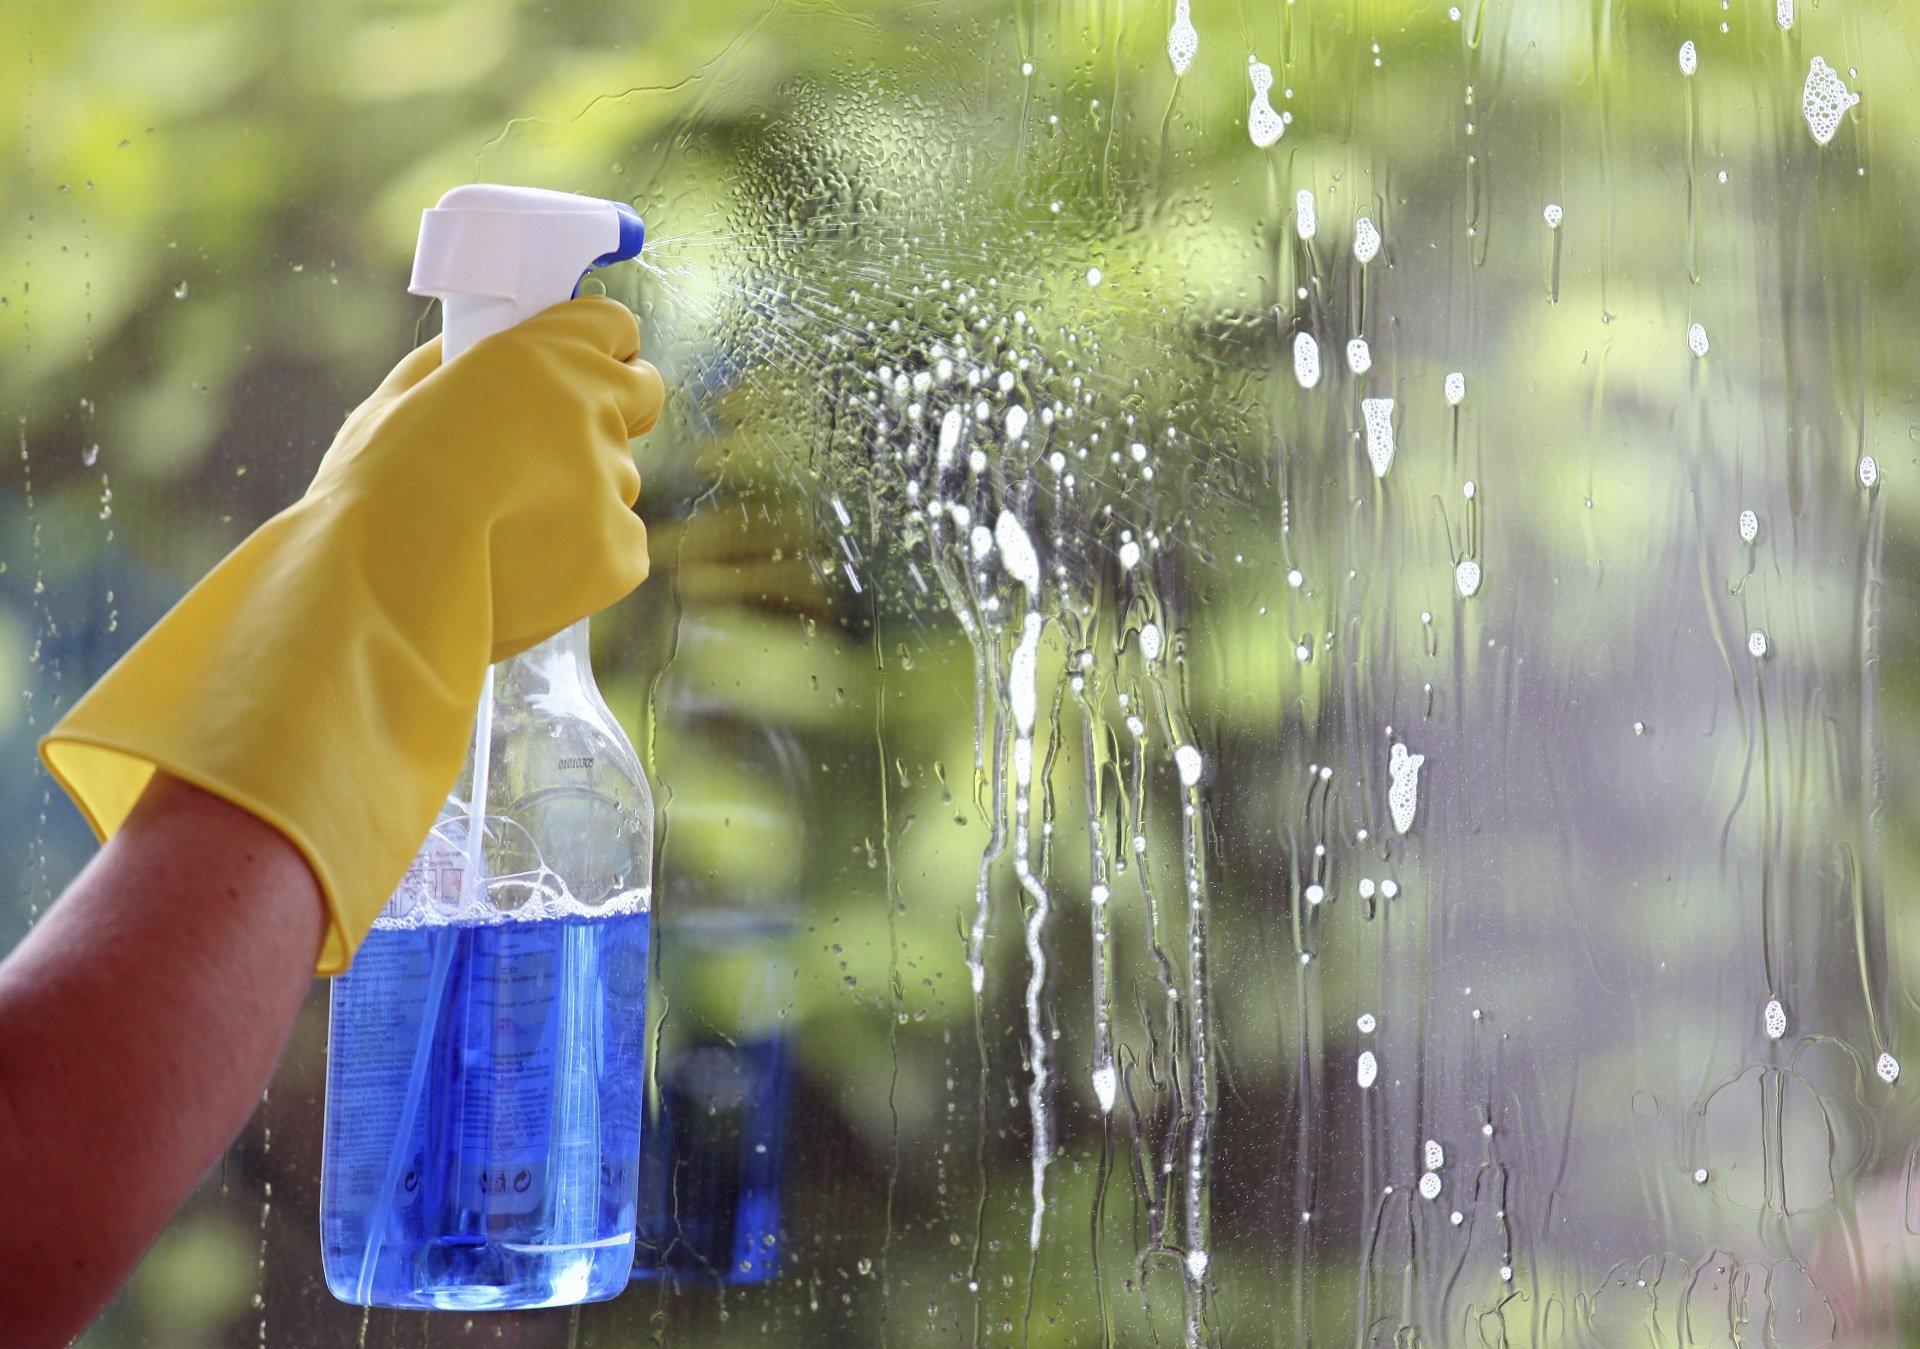 lavaggio vetri professionale